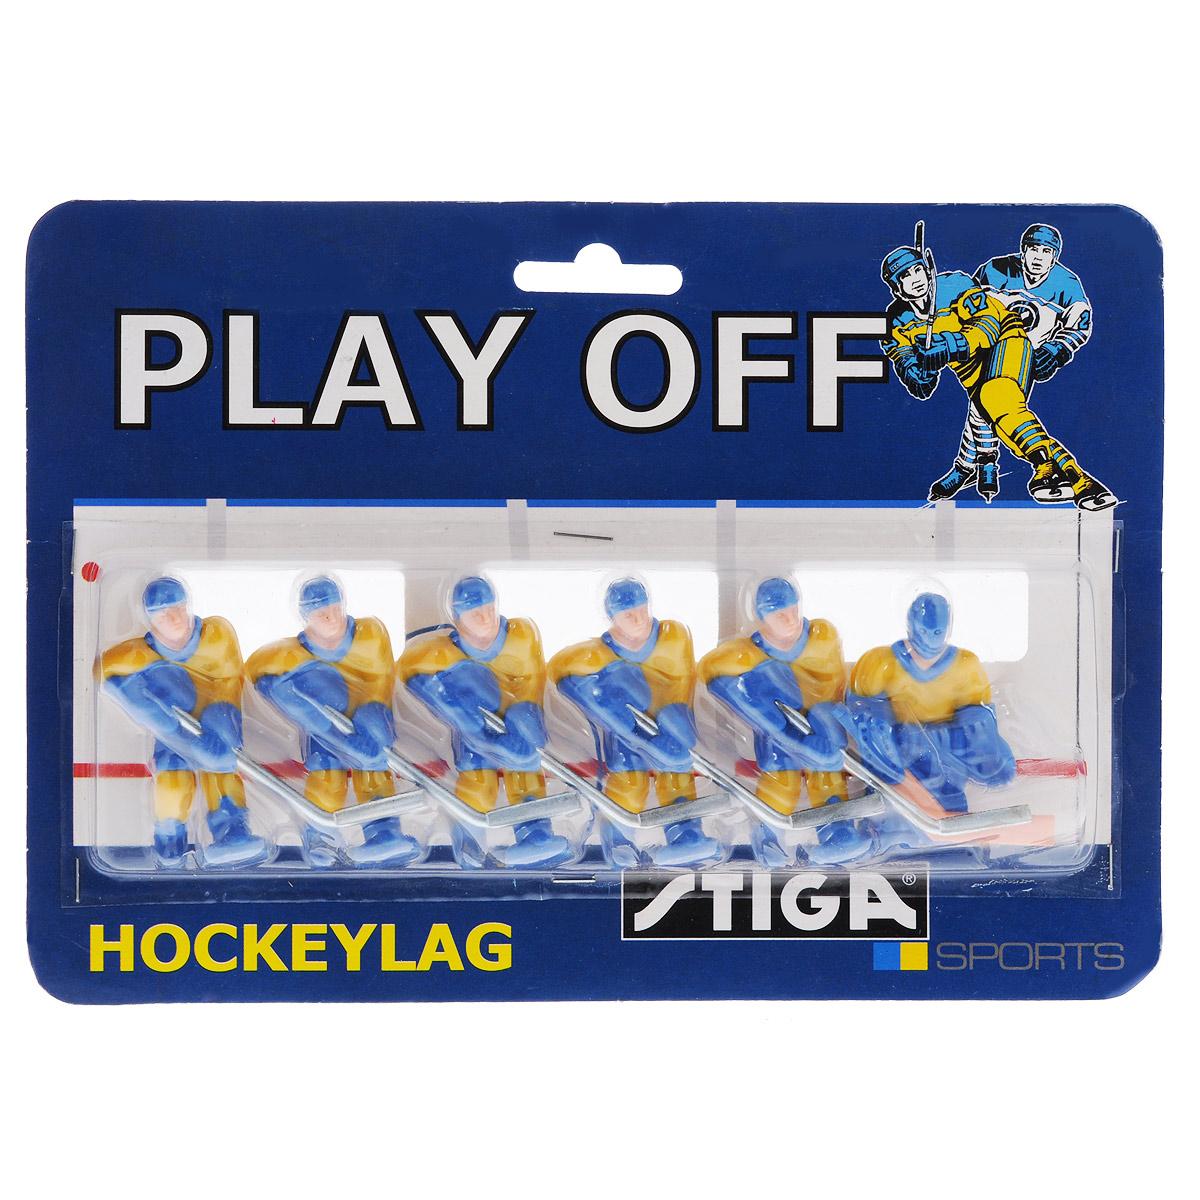 """Команда игроков Stiga """"Сборная Швеции"""" включает 6 фигурок хоккеистов. Фигурки предназначены для игры в настольный хоккей Stiga Play Off. Оснащены специальными отверстиями для крепления. Команда имеет раскраску формы, аналогичную настоящей сборной Швеции. Игроки имеют отличную детализацию и раскрашены вручную. В команде: вратарь и 5 праворуких хоккеистов. Теперь можно будет сыграть в настольный хоккей за сборную Швеции. Благодаря опции смены игроков вы сами сможете решать, какая команда сегодня """"выйдет"""" на игровое поле, а набор из фигурок хоккеистов лишь подогреет азарт. Высота фигурки: 6 см. Количество фигурок: 6 шт."""